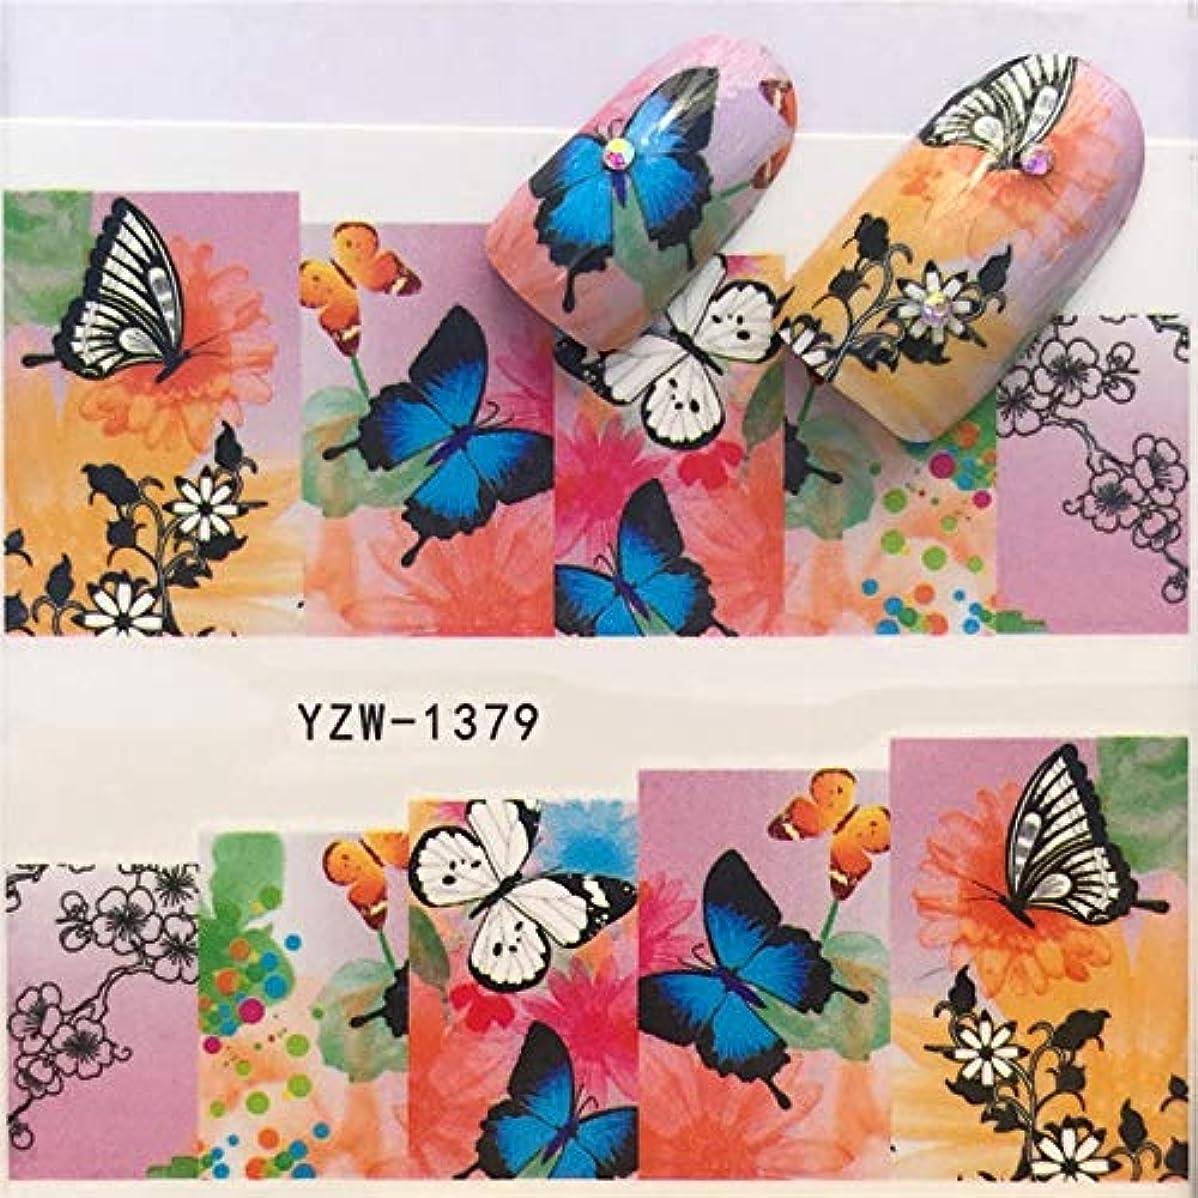 損なう障害者窒息させる手足ビューティーケア 3ピースネイルステッカーセットデカール水転写スライダーネイルアートデコレーション、色:YZW1379